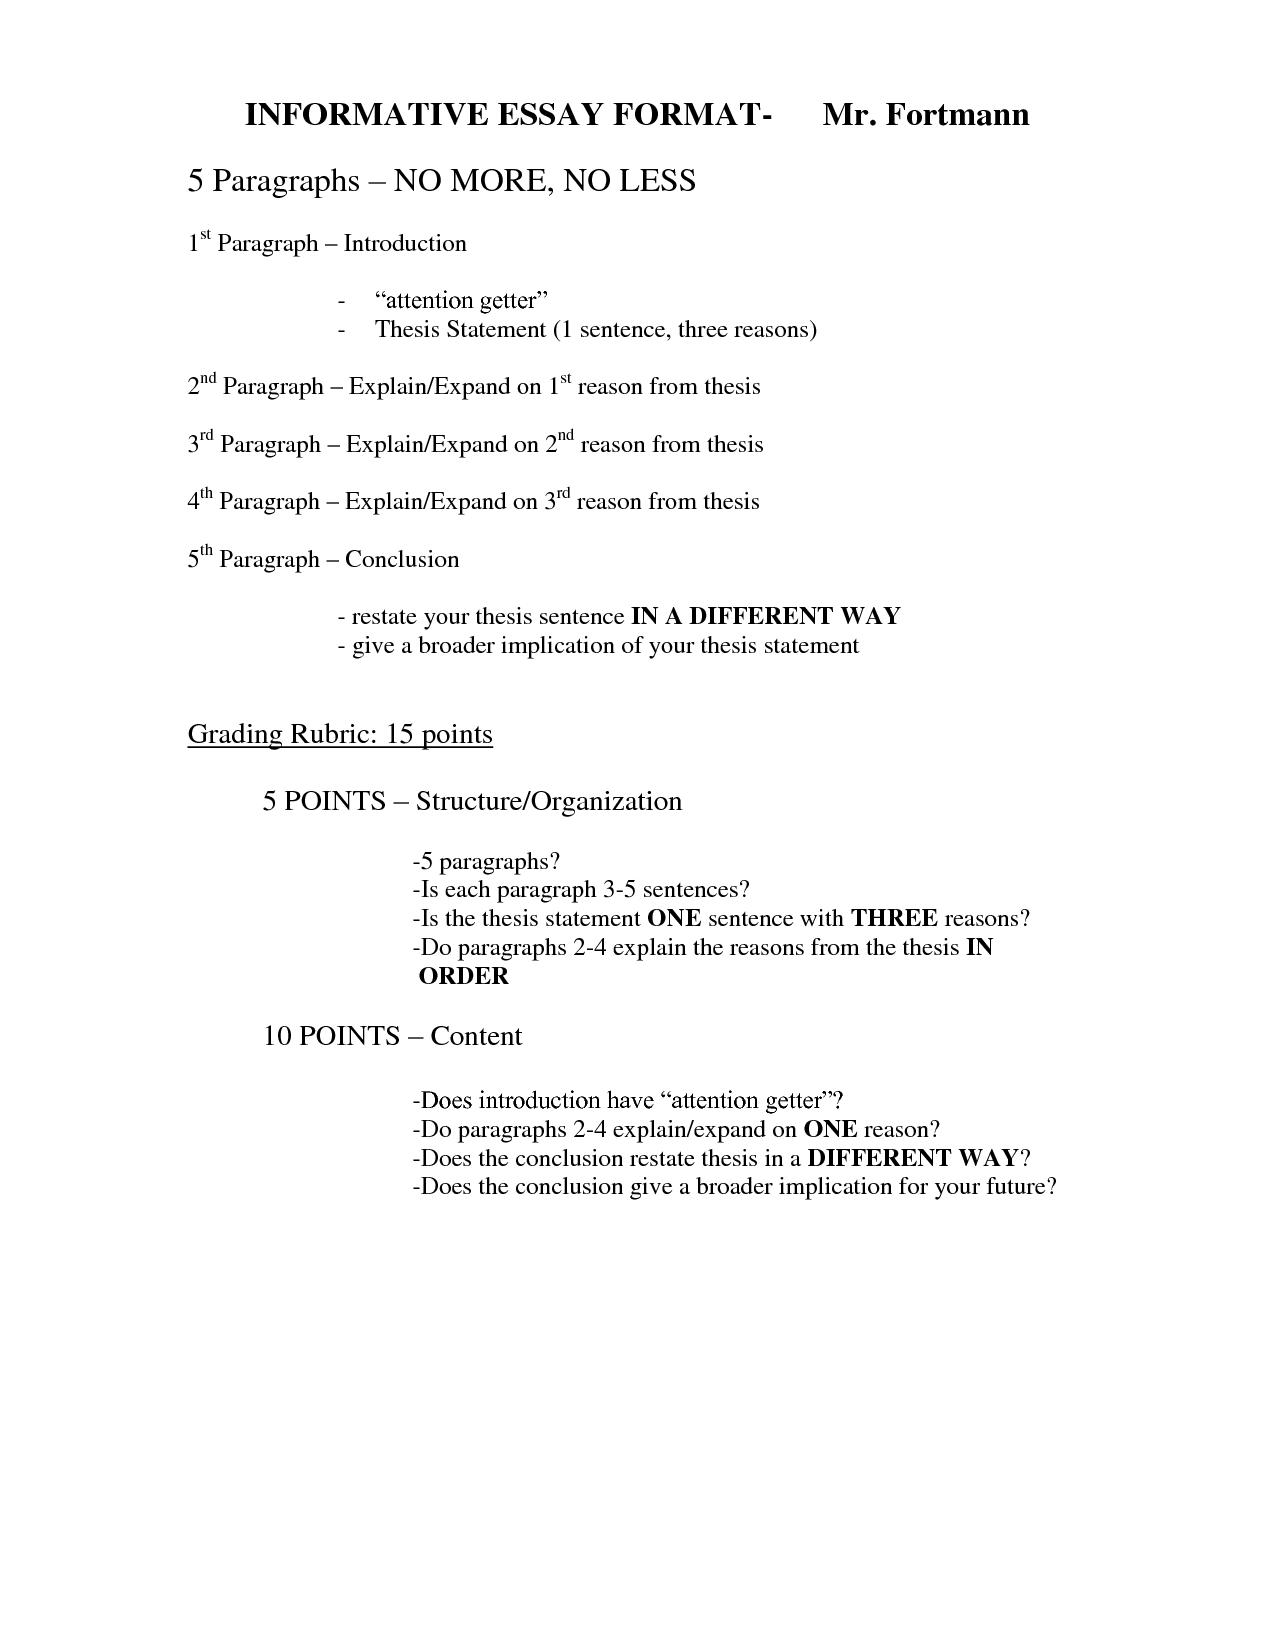 Informative essay outline sample informative essay format mr